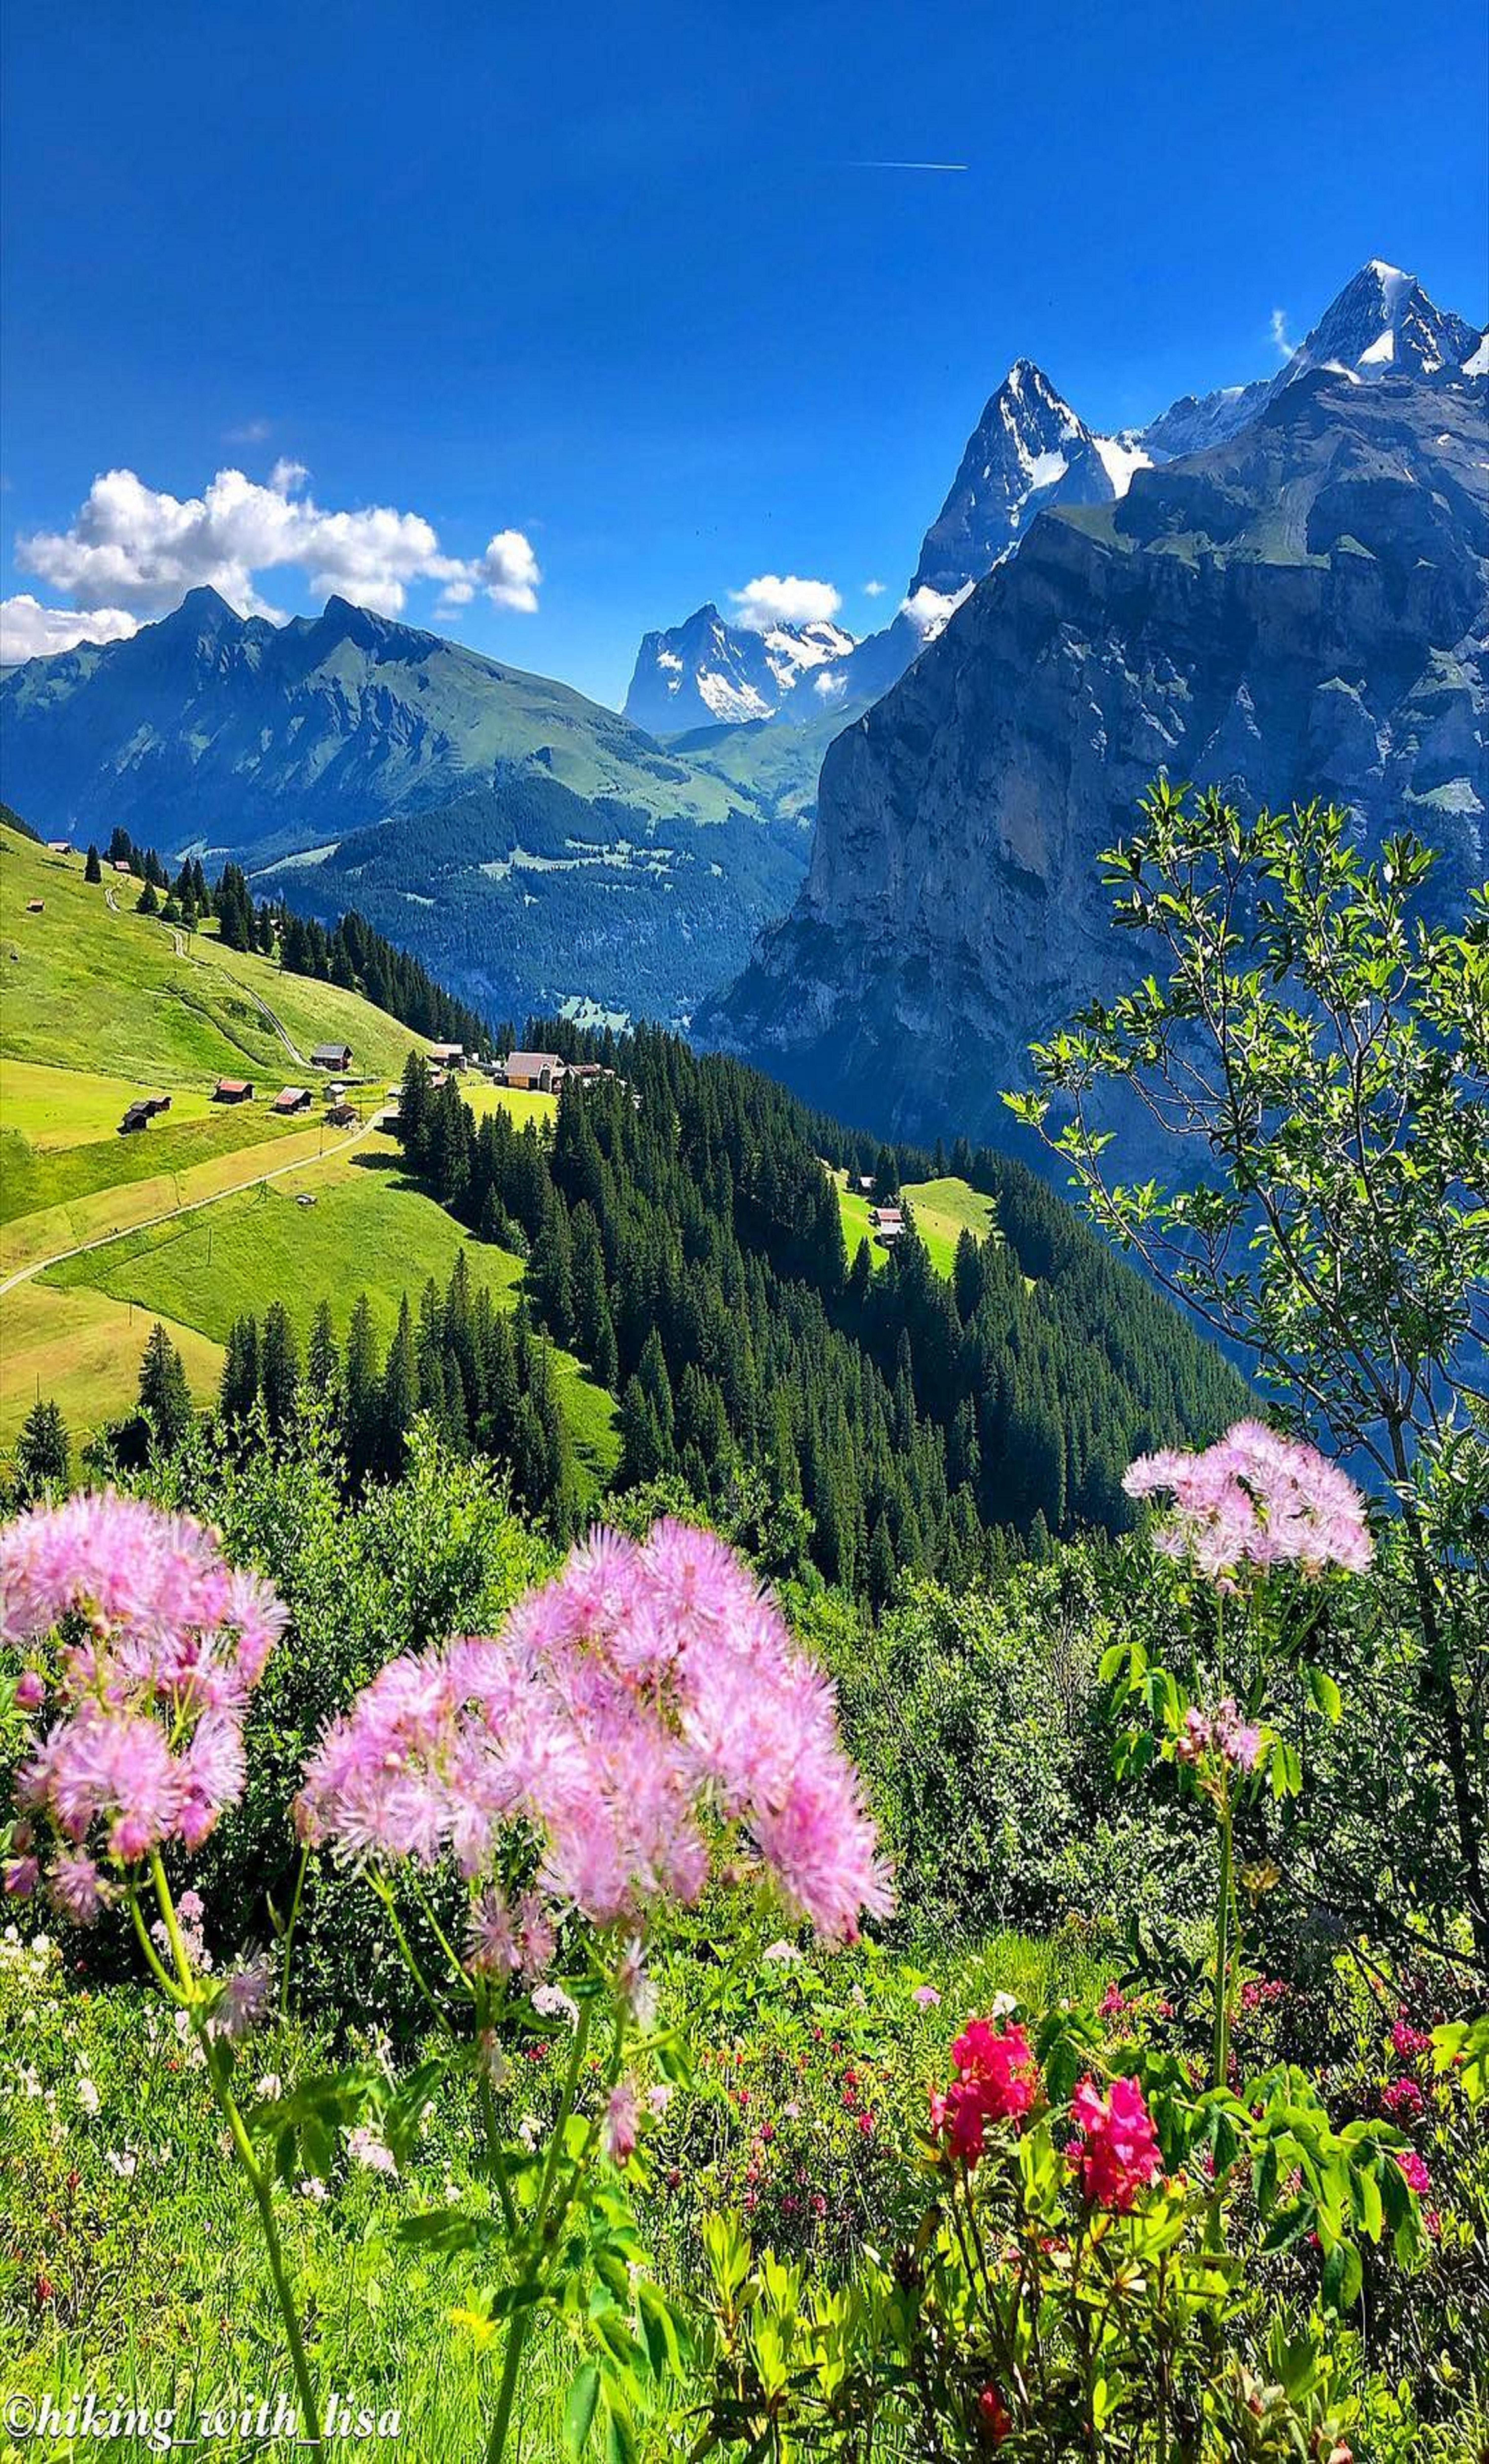 Murren Switzerland Beautiful Nature Beautiful Landscapes Nature Photography